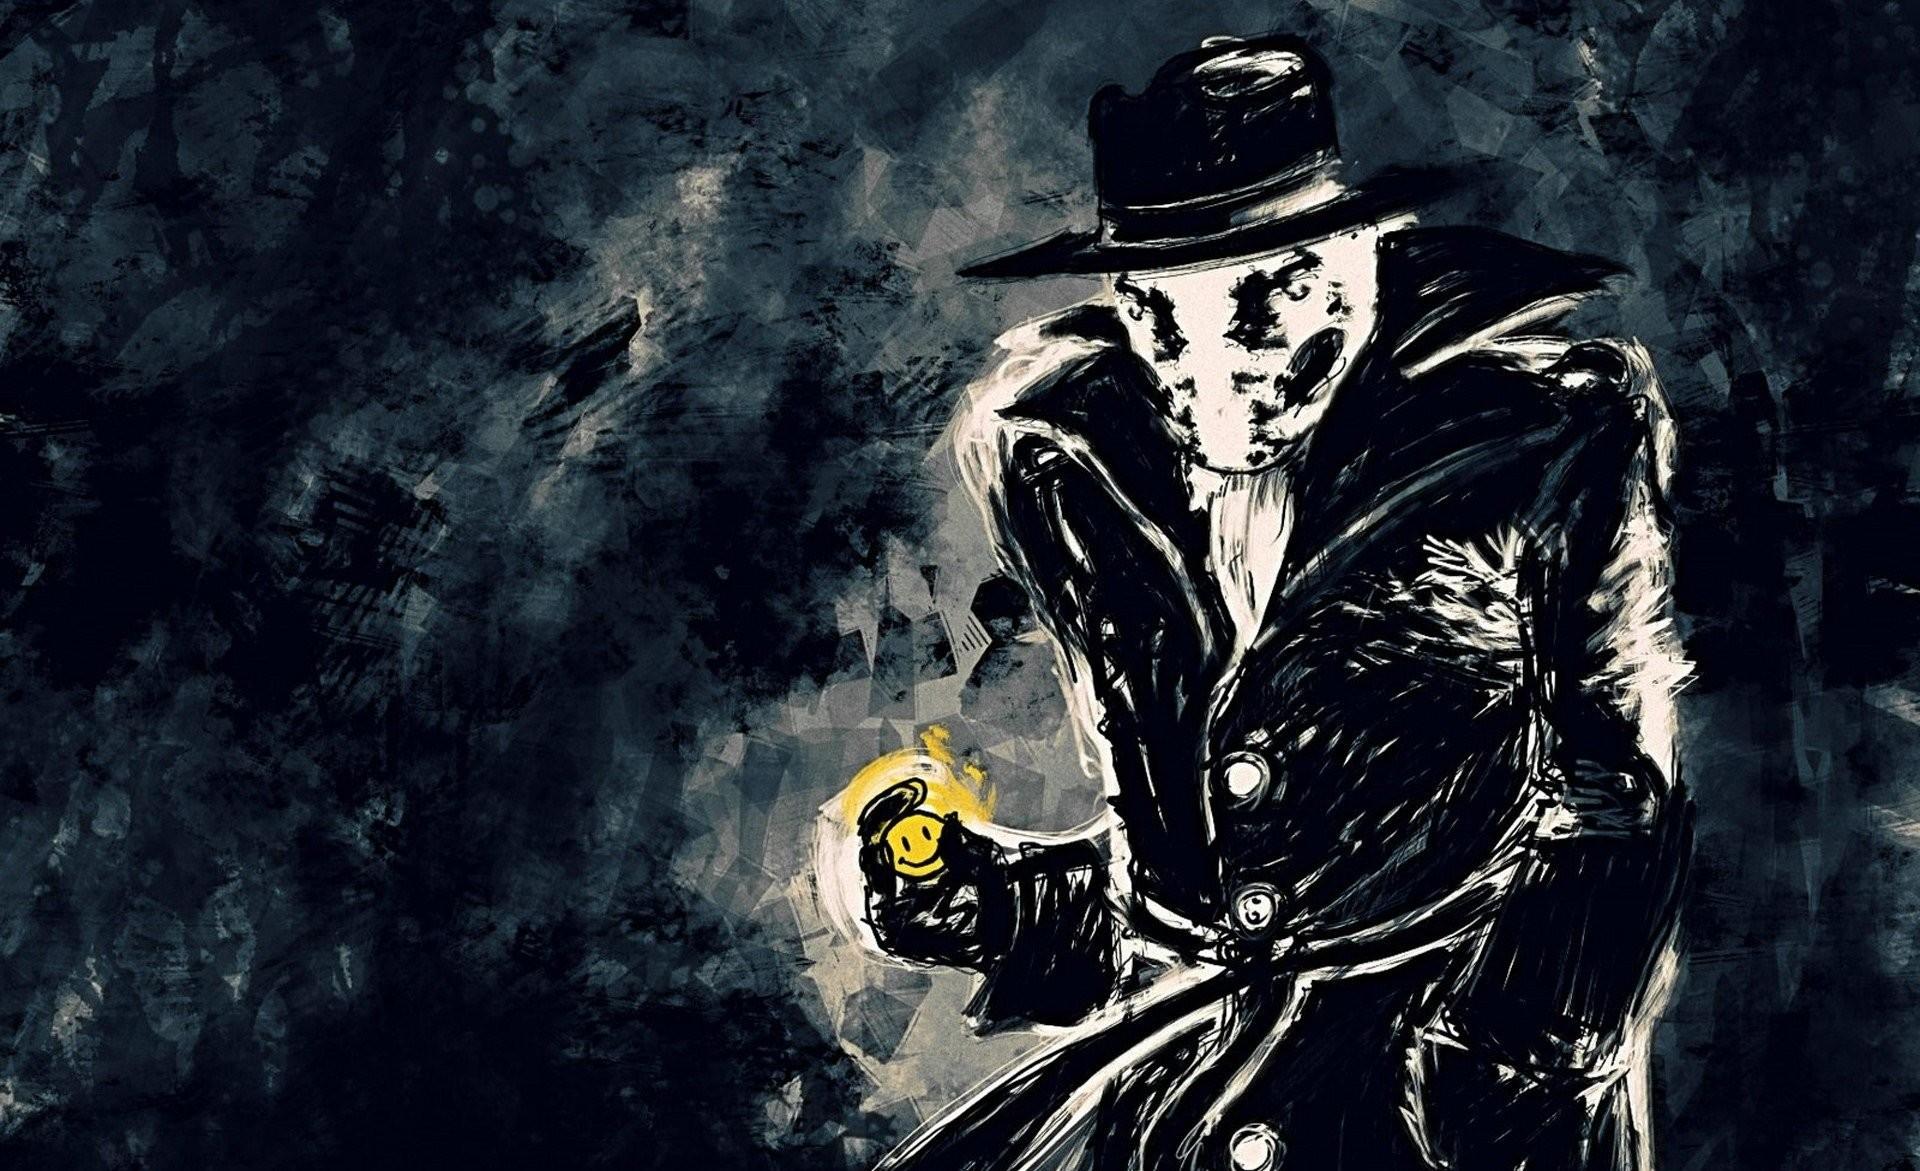 Watchmen Rorschach Wallpaper (70+ images)